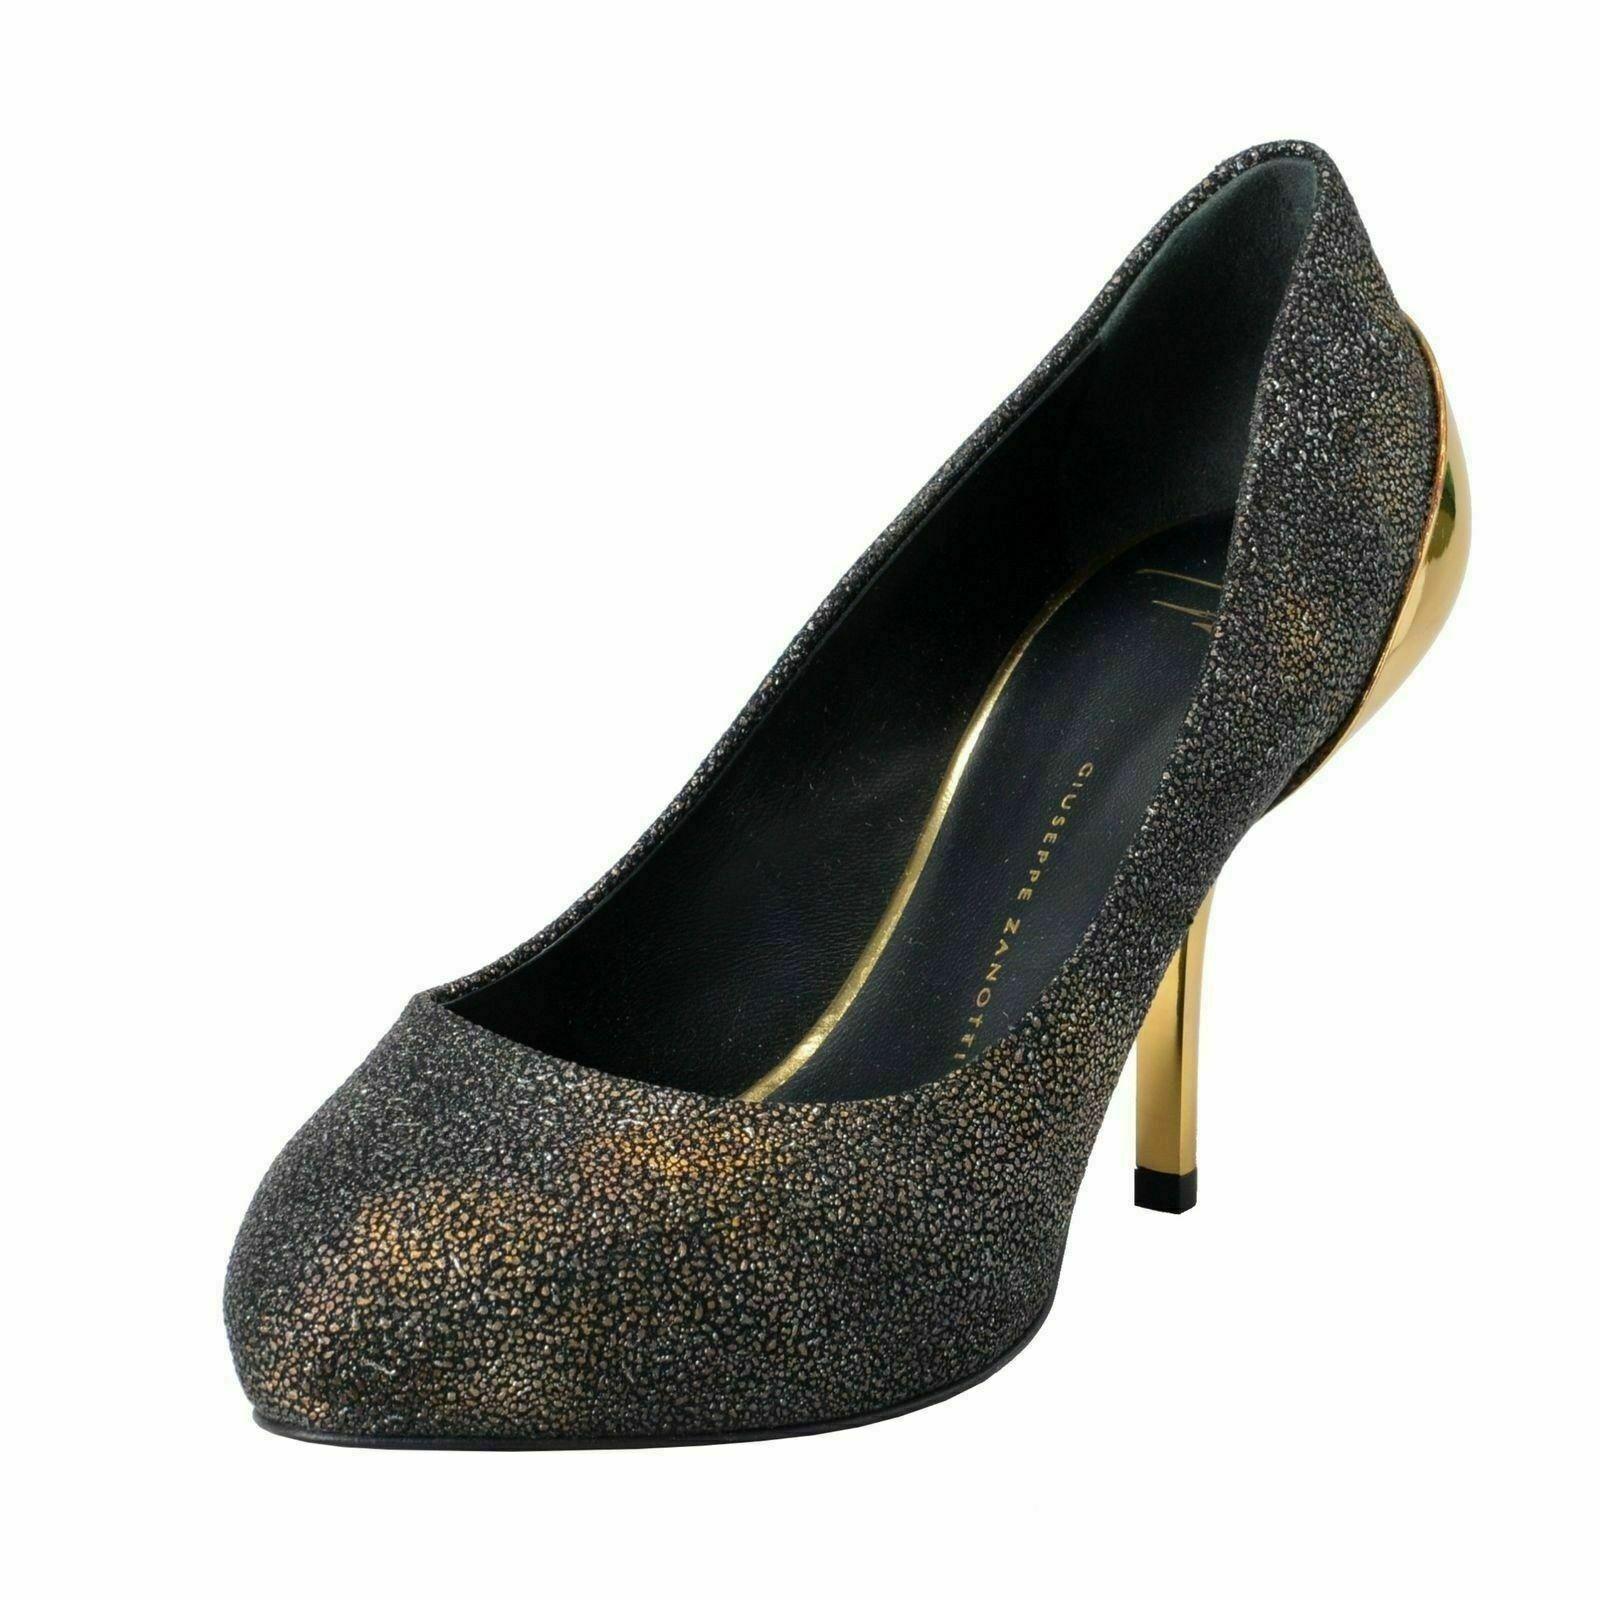 Giuseppe Zanotti Design Damen GelbGolden High Heels Pumps Schuhe US 6 It 37